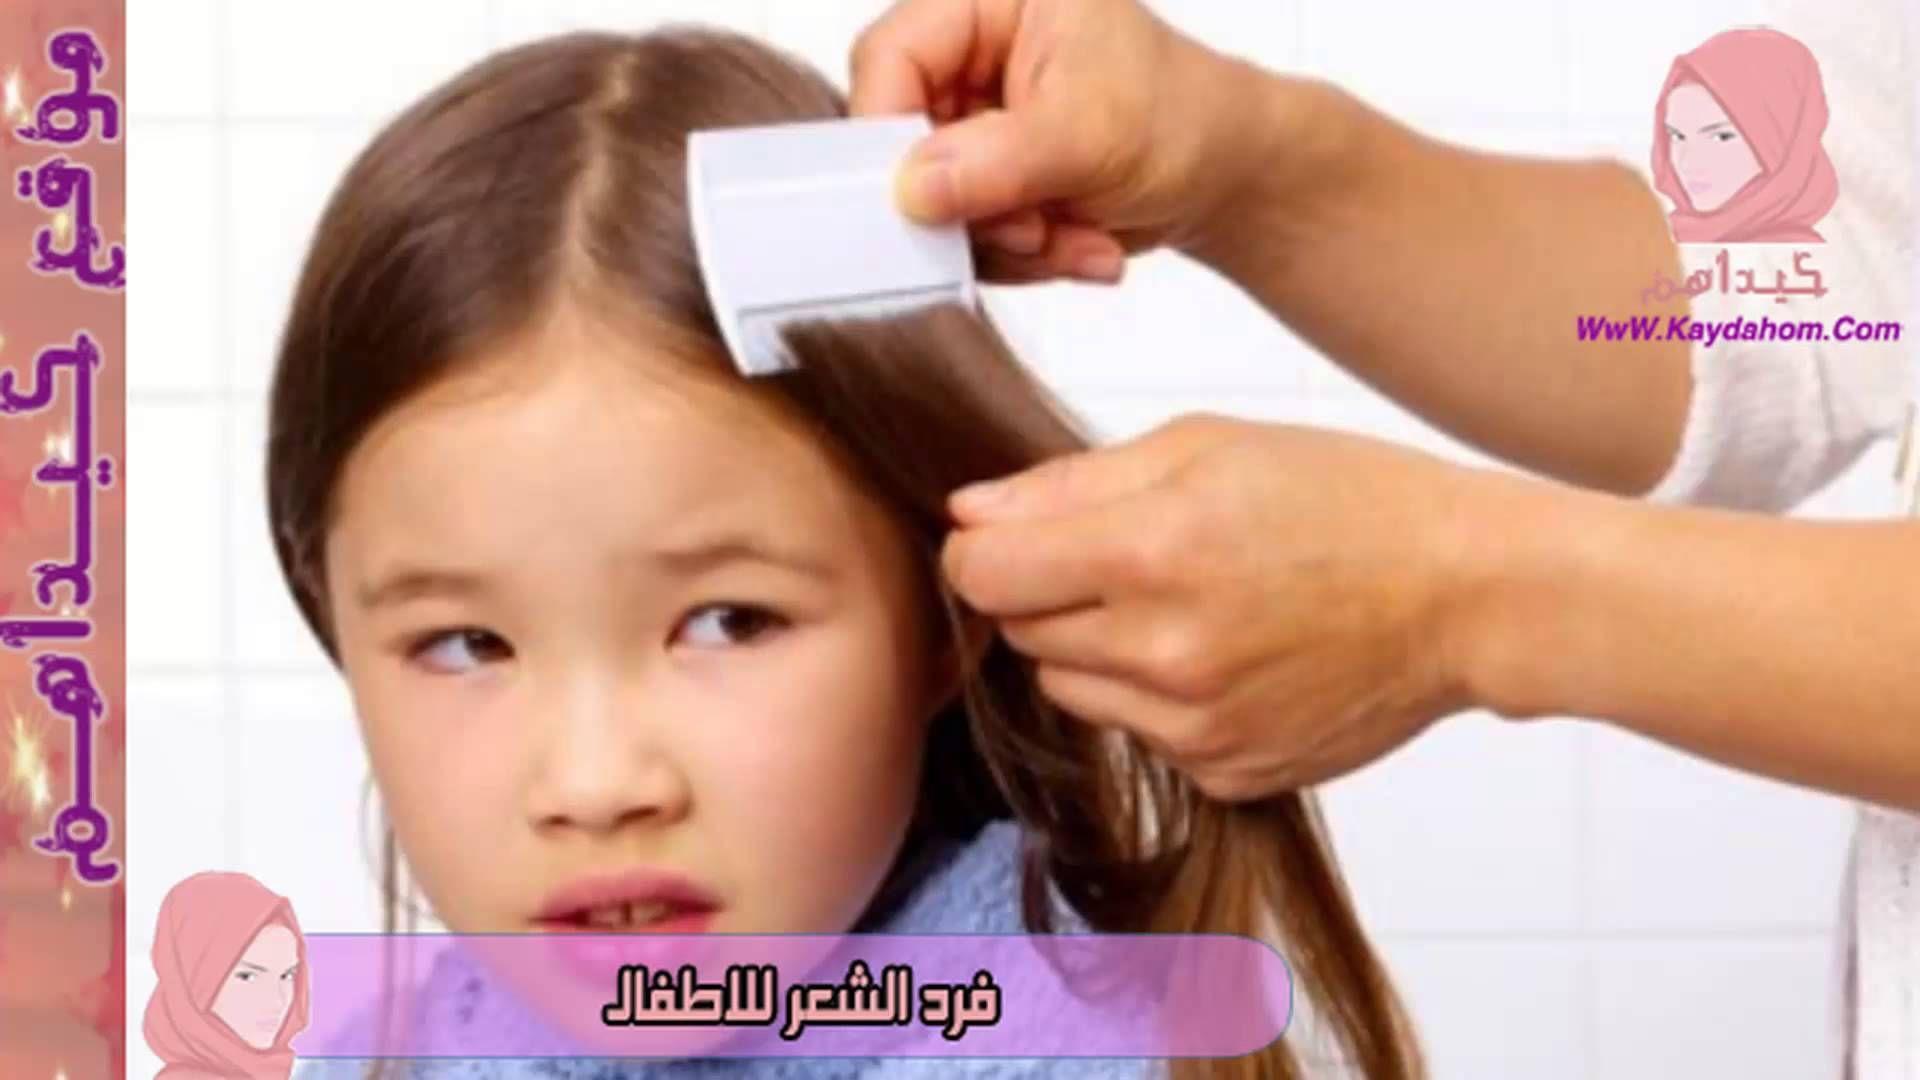 Pin On ةخخس